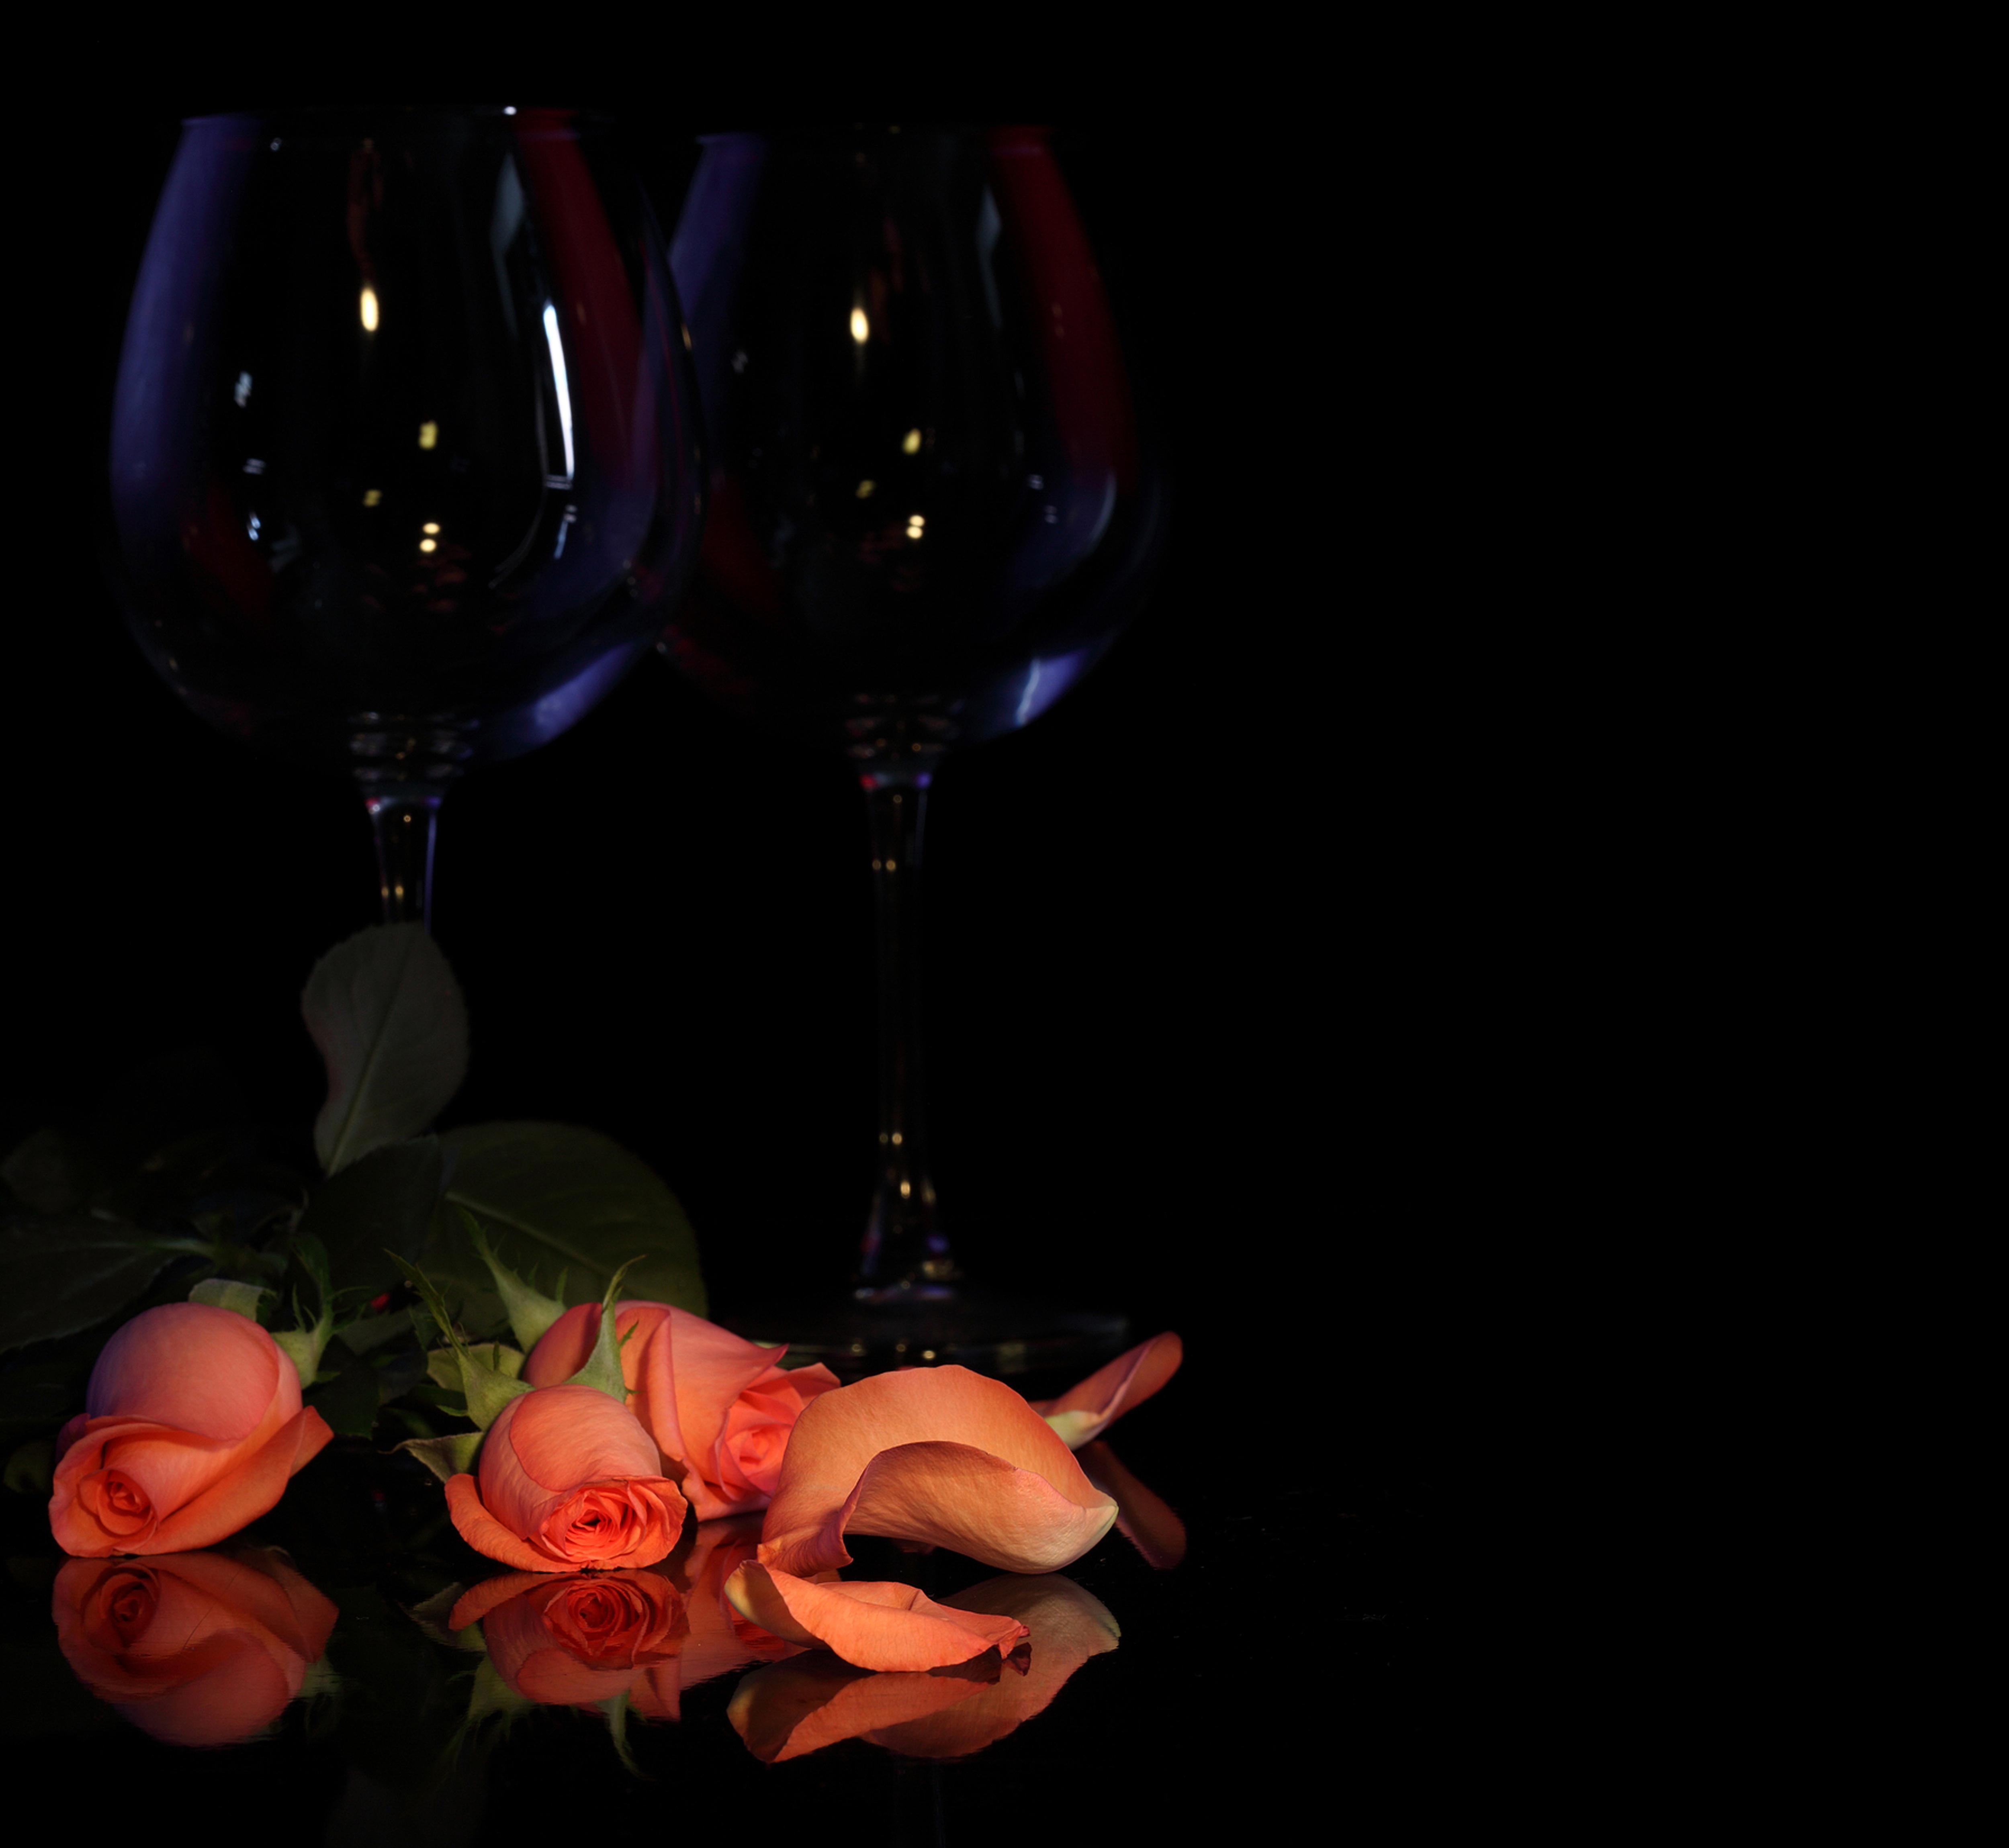 Два бокала с розами  № 750251 бесплатно